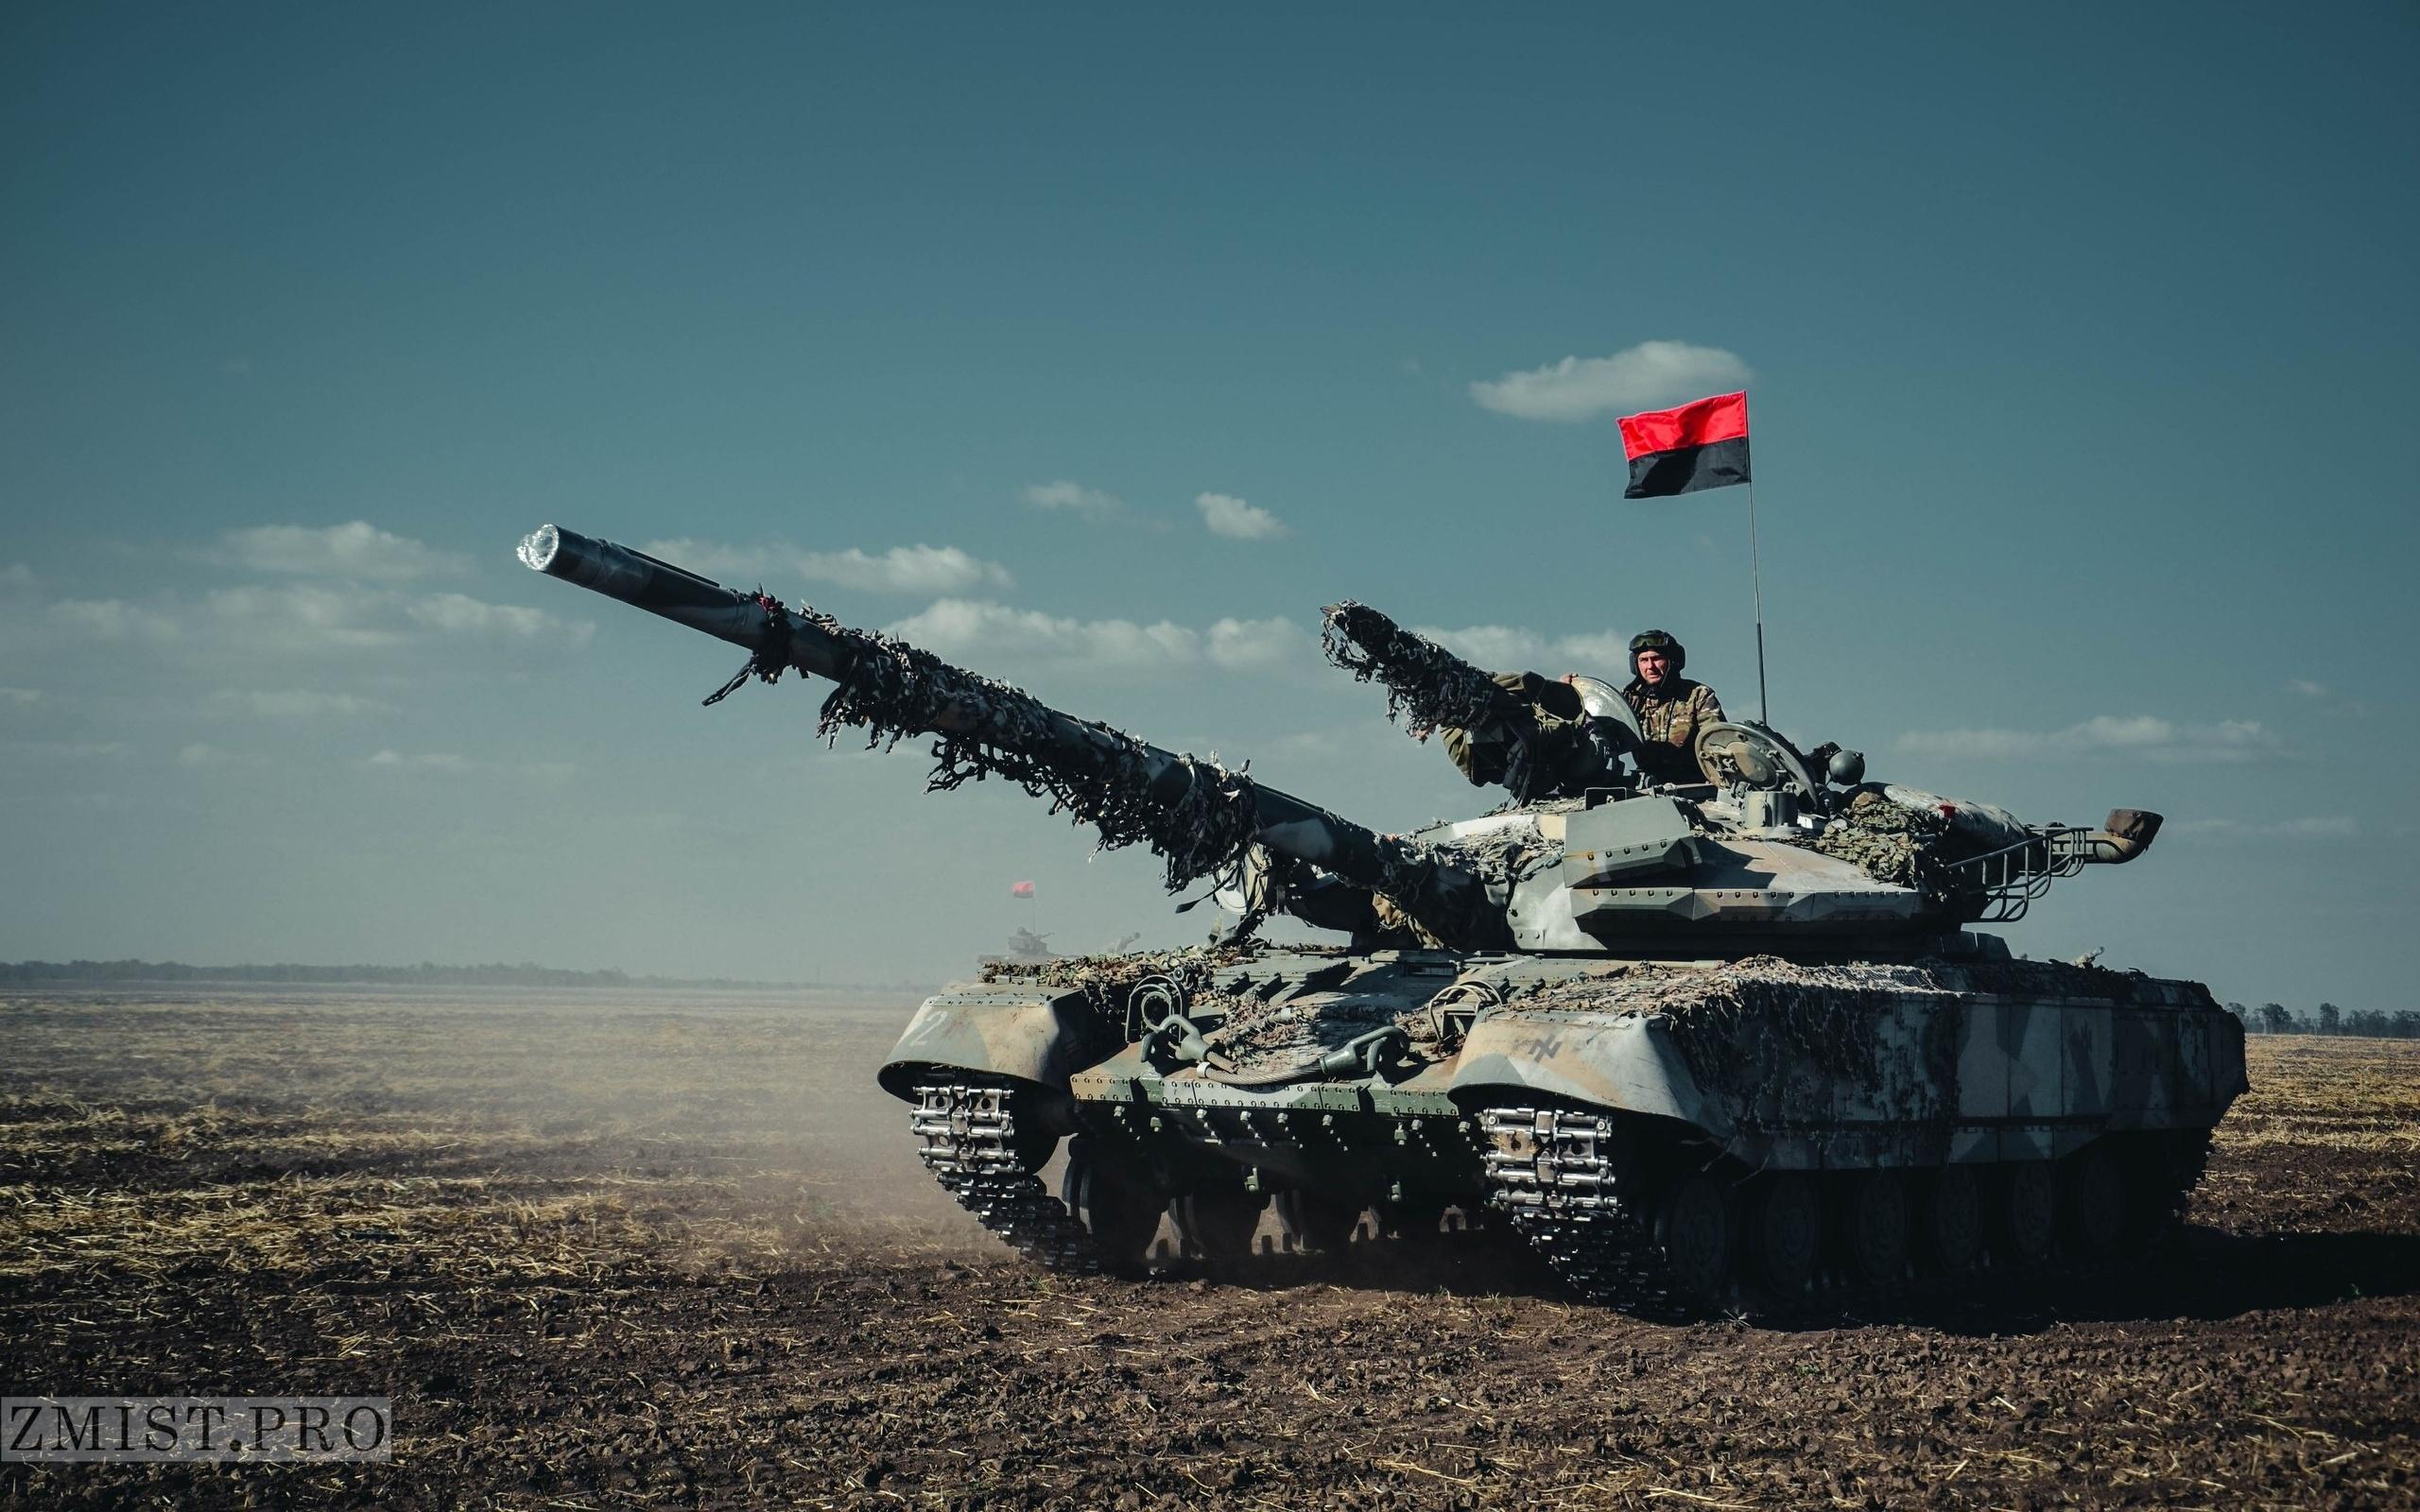 т-64б1м, танк, украина, азов, ато, война, защитники родины, патриоты, ёбаные нацысты, мрази, хуесосы, нацысты, стадо тварей, бандеровцы, бандерлоги, предатели руси, укропитек обыкновенный, укропитек обыкновенный, укропитек обыкновенный, укропитек обыкнове